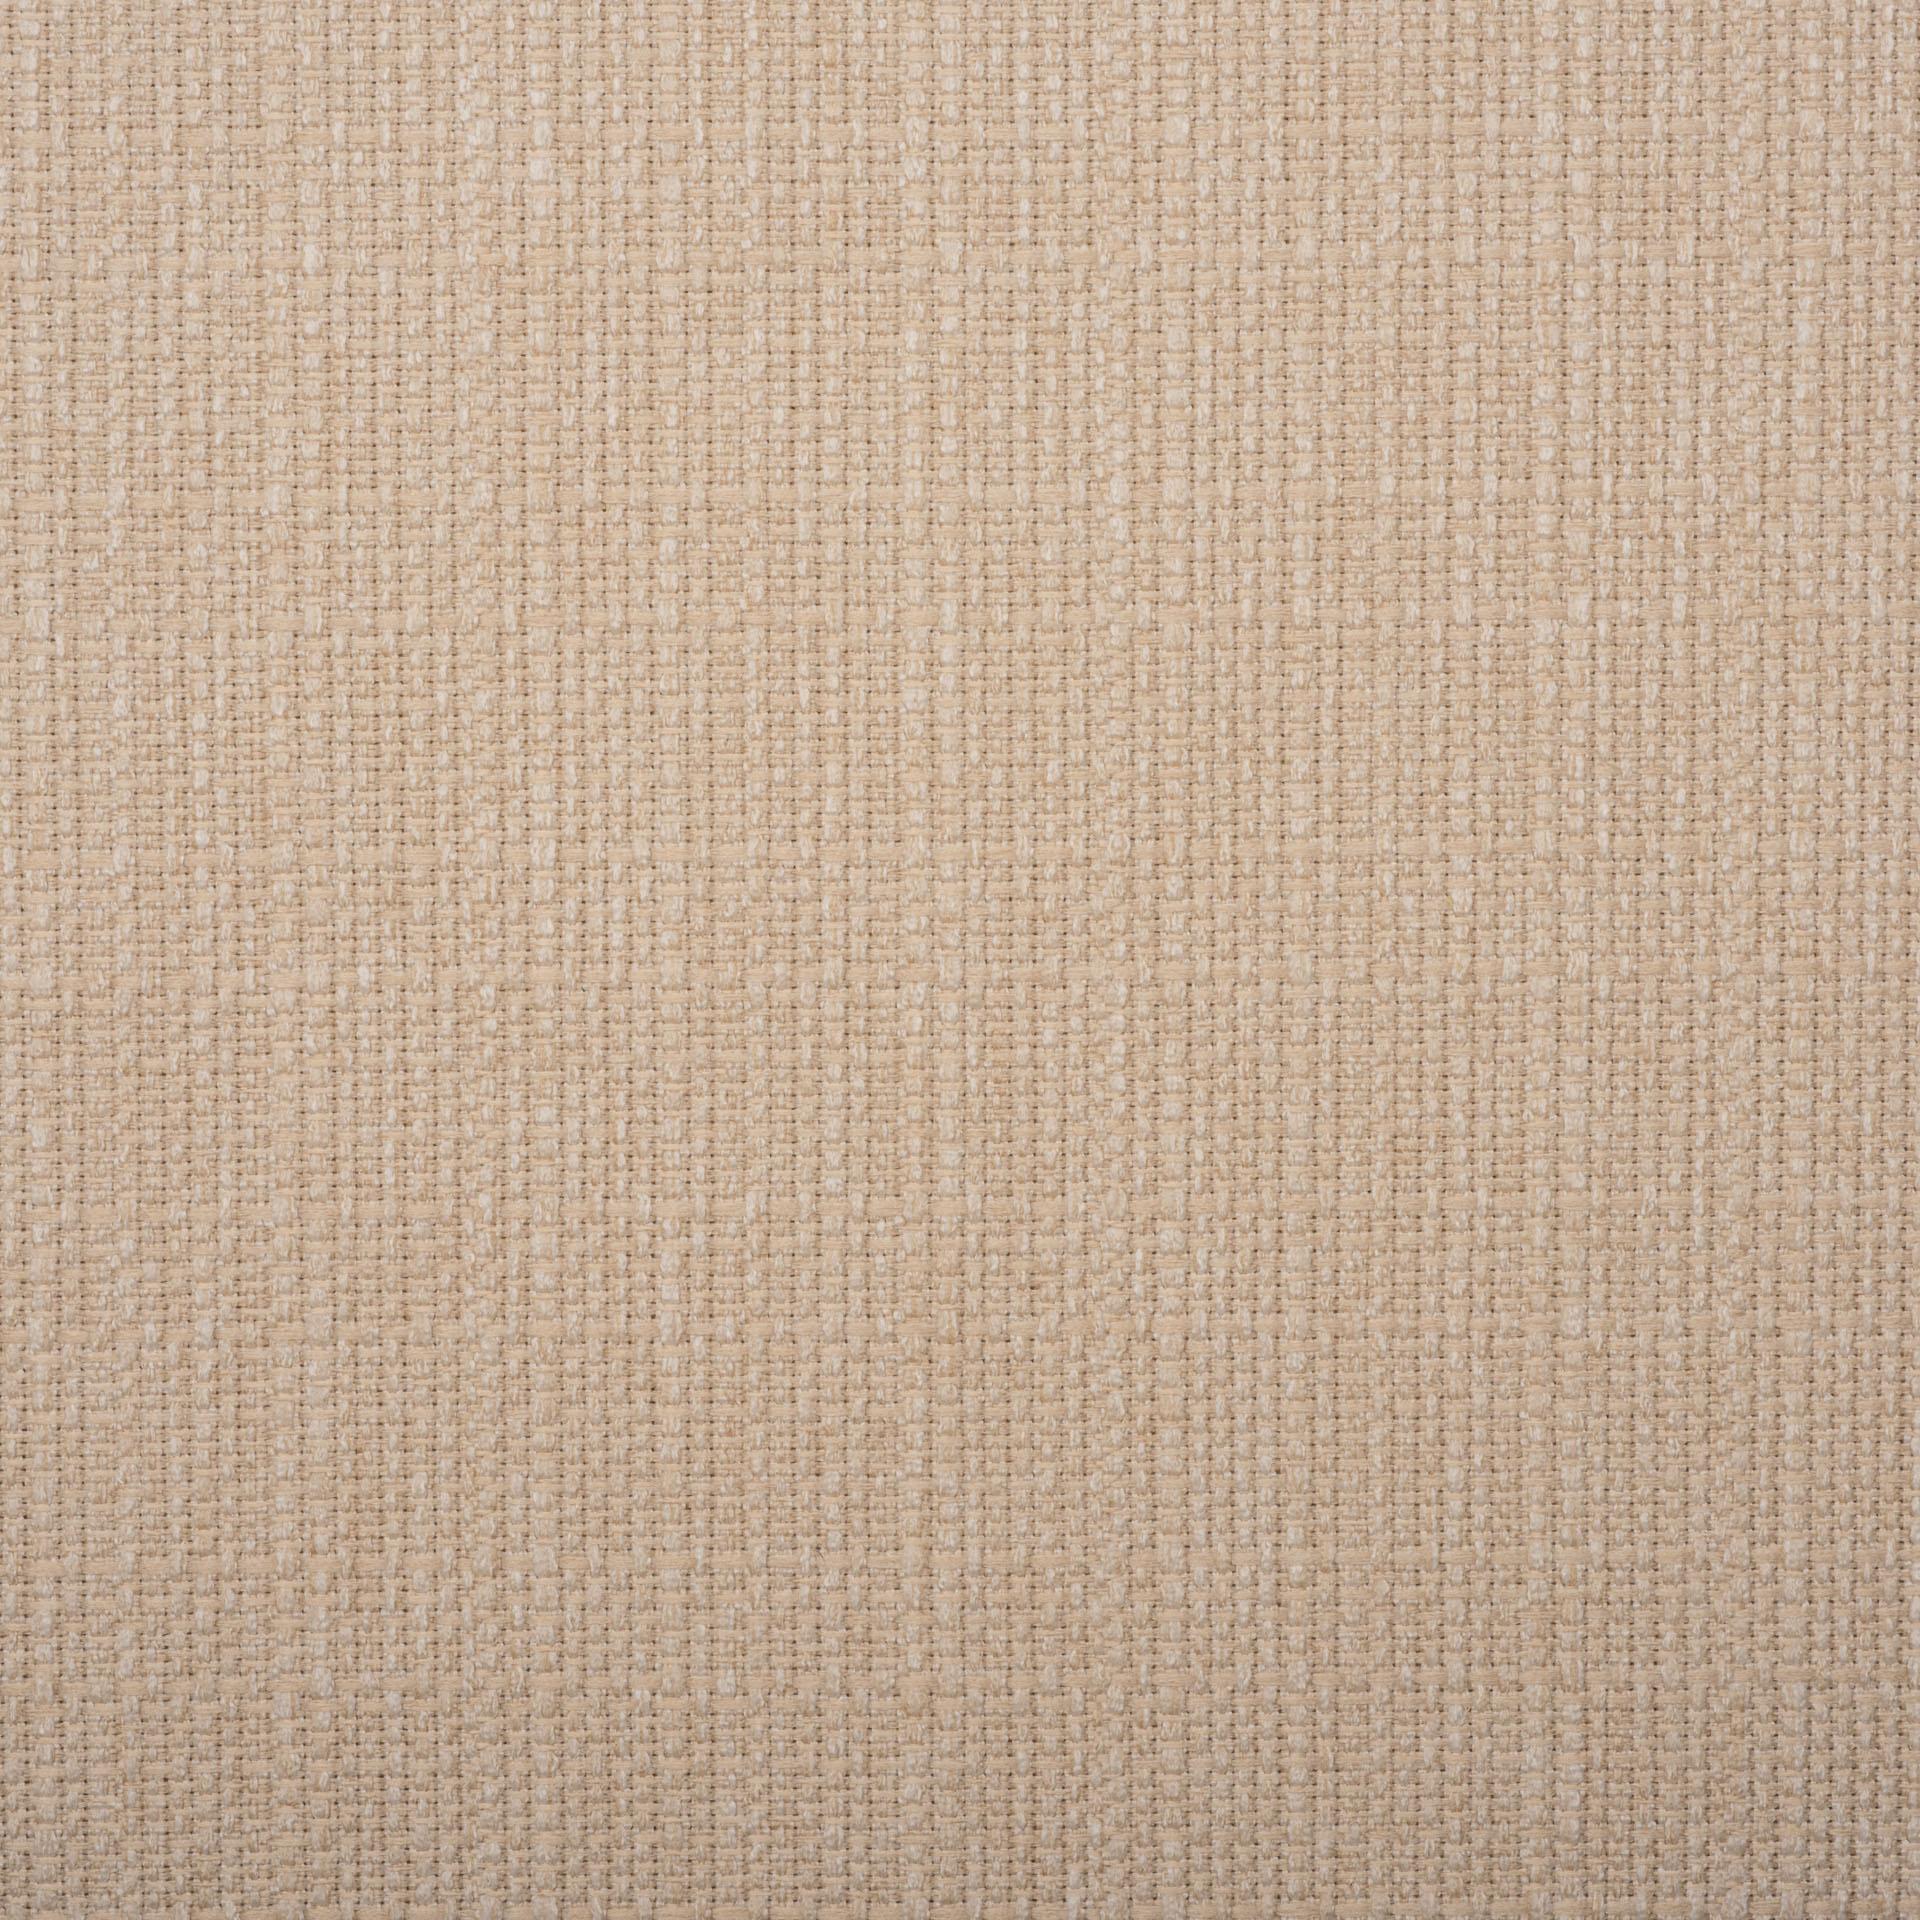 Коллекция ткани Портленд LIGHT BEIGE 21,  купить ткань Рогожка для мебели Украина